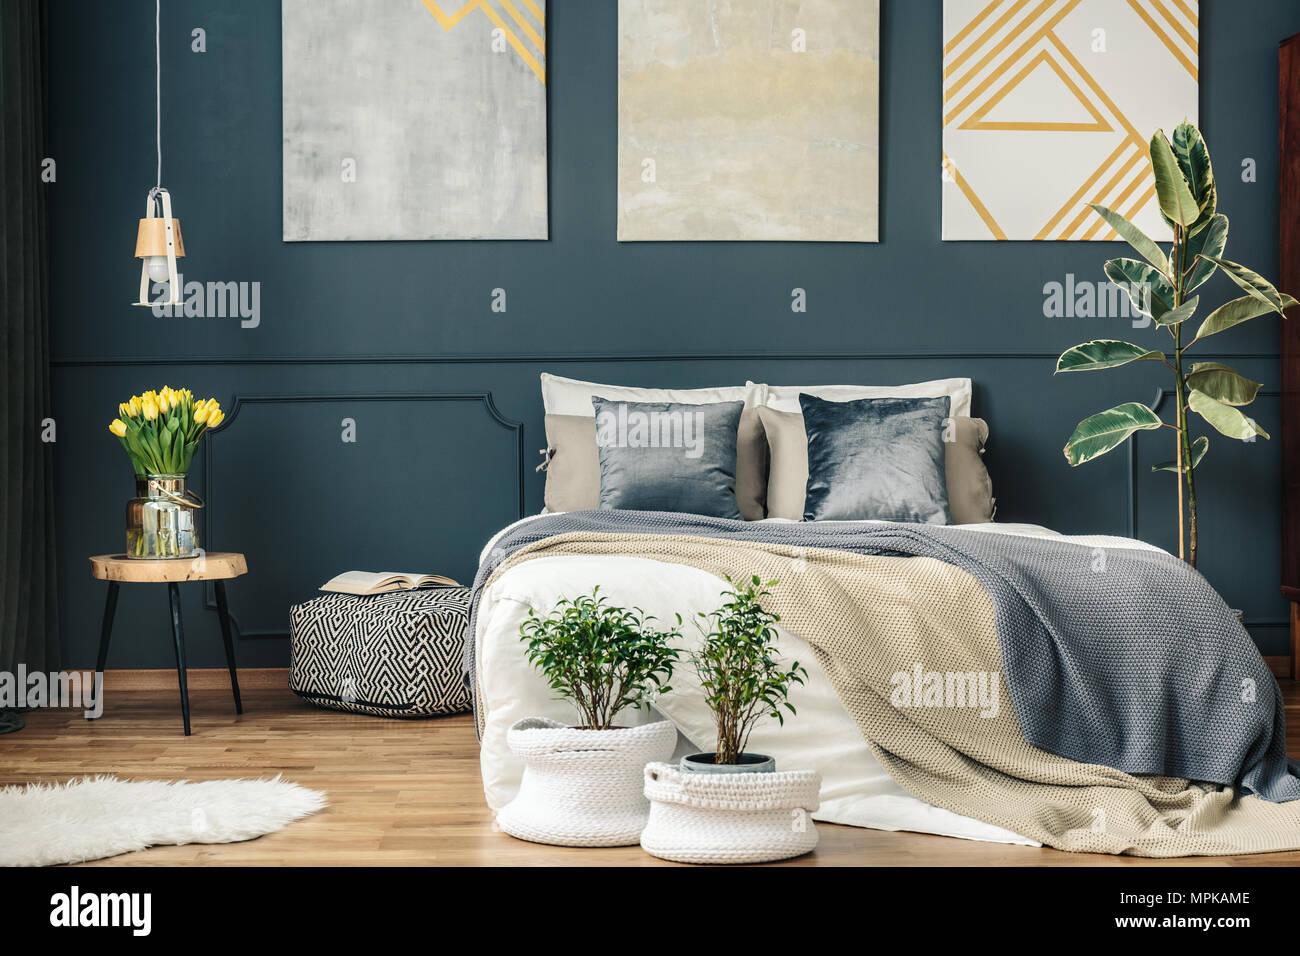 AuBergewohnlich Großes, Gemütliches Bett Unter Poster Auf Dunklen Wand Mit Spritzguss  Und  Unter Pflanzen Im Schlafzimmer Innenraum